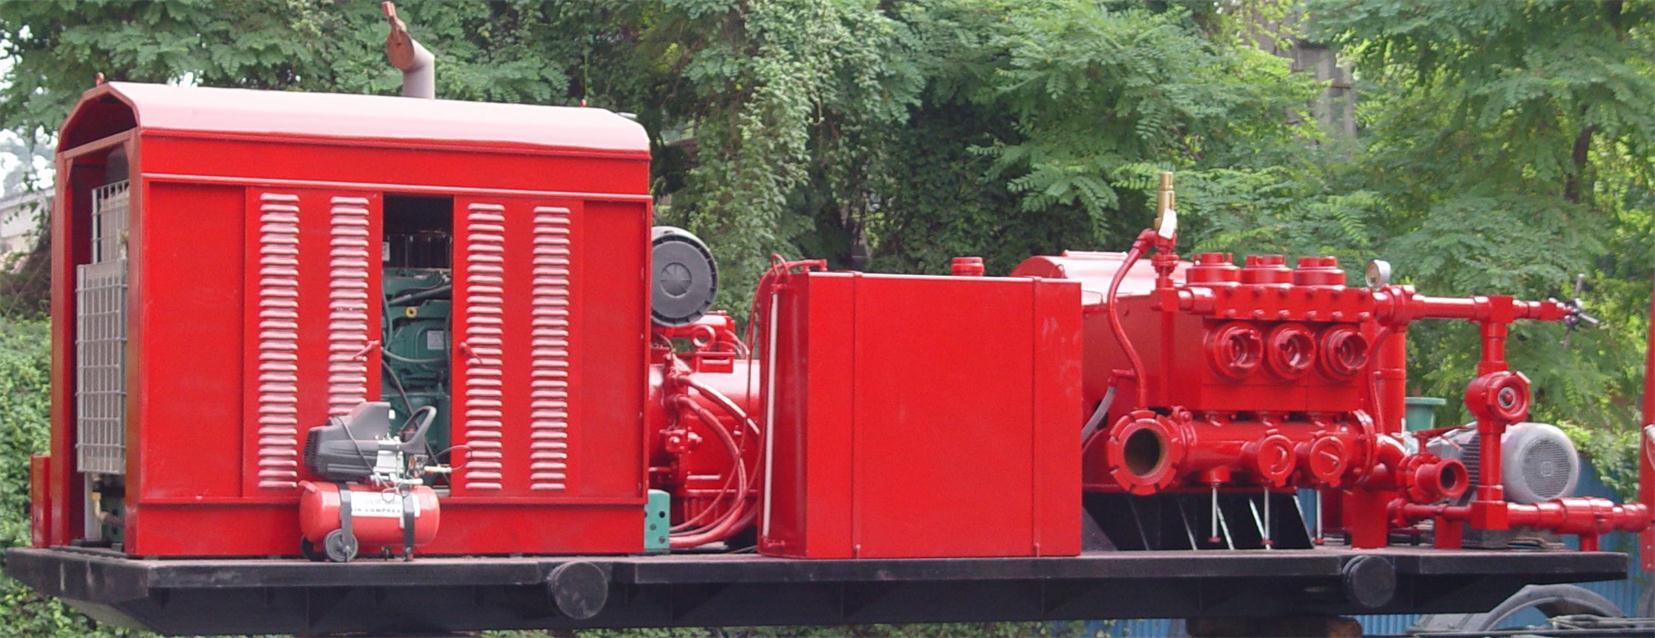 3HS-280型撬装泥浆泵